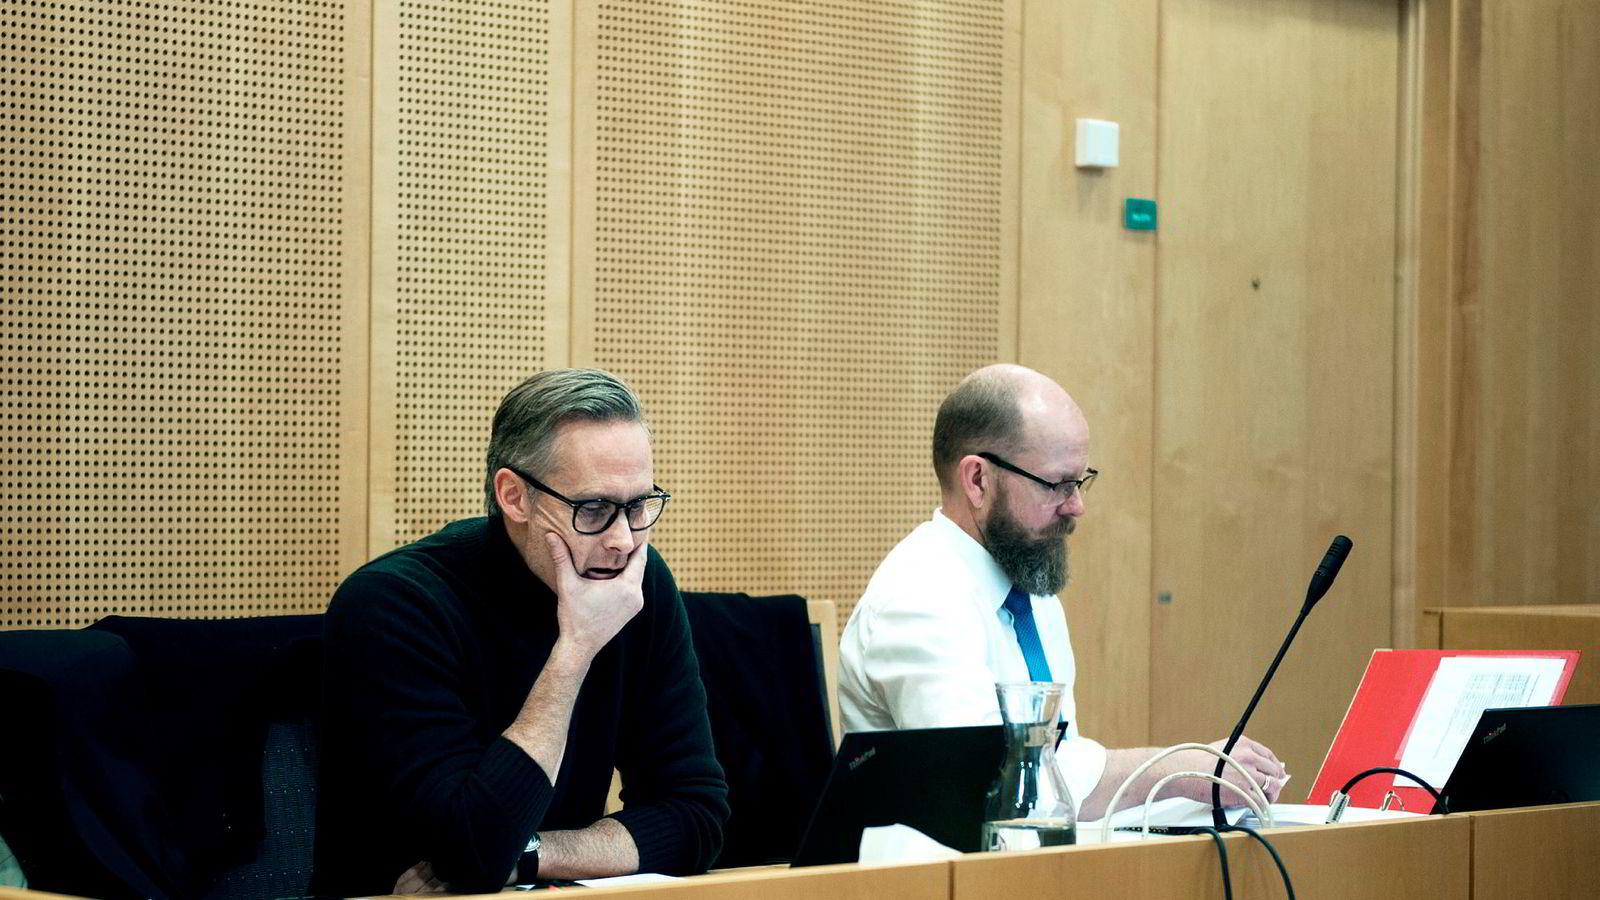 Jan Yngve Holen tapte saken mot Reitan Convenience Norway AS, i første instans. Her sammen med sin advokat Steinar Sjølyst i Oslo Tinghus.